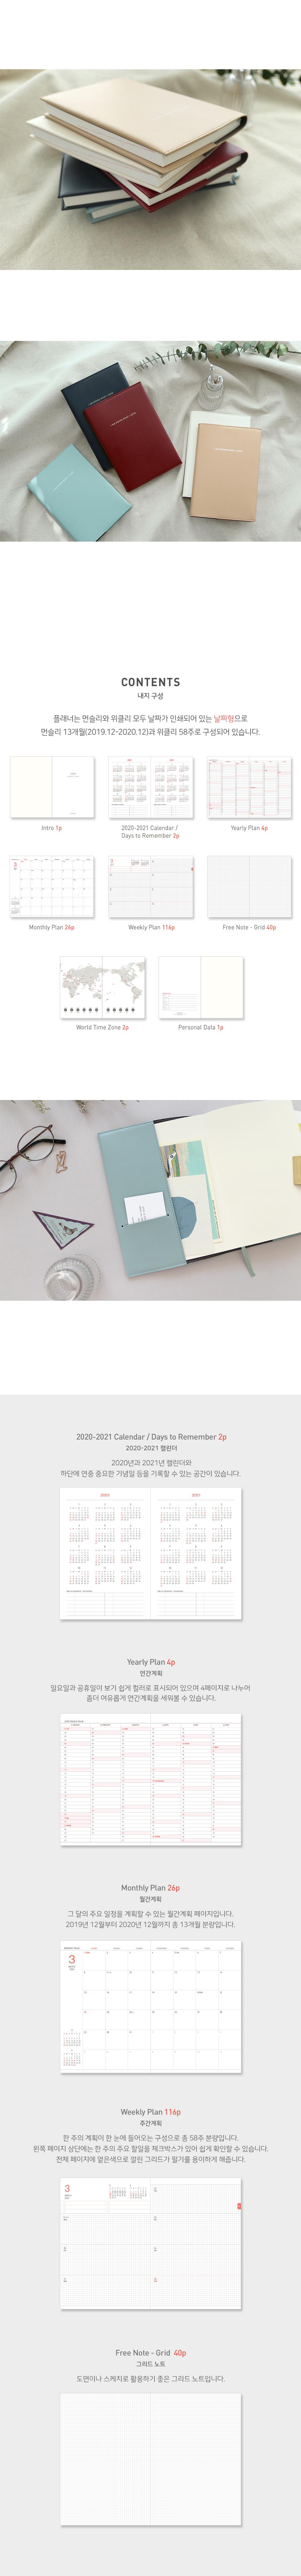 (날짜형) 2020 I AM DOING WHAT I LOVE - 페이퍼리안, 18,500원, 2020 다이어리, 심플/베이직